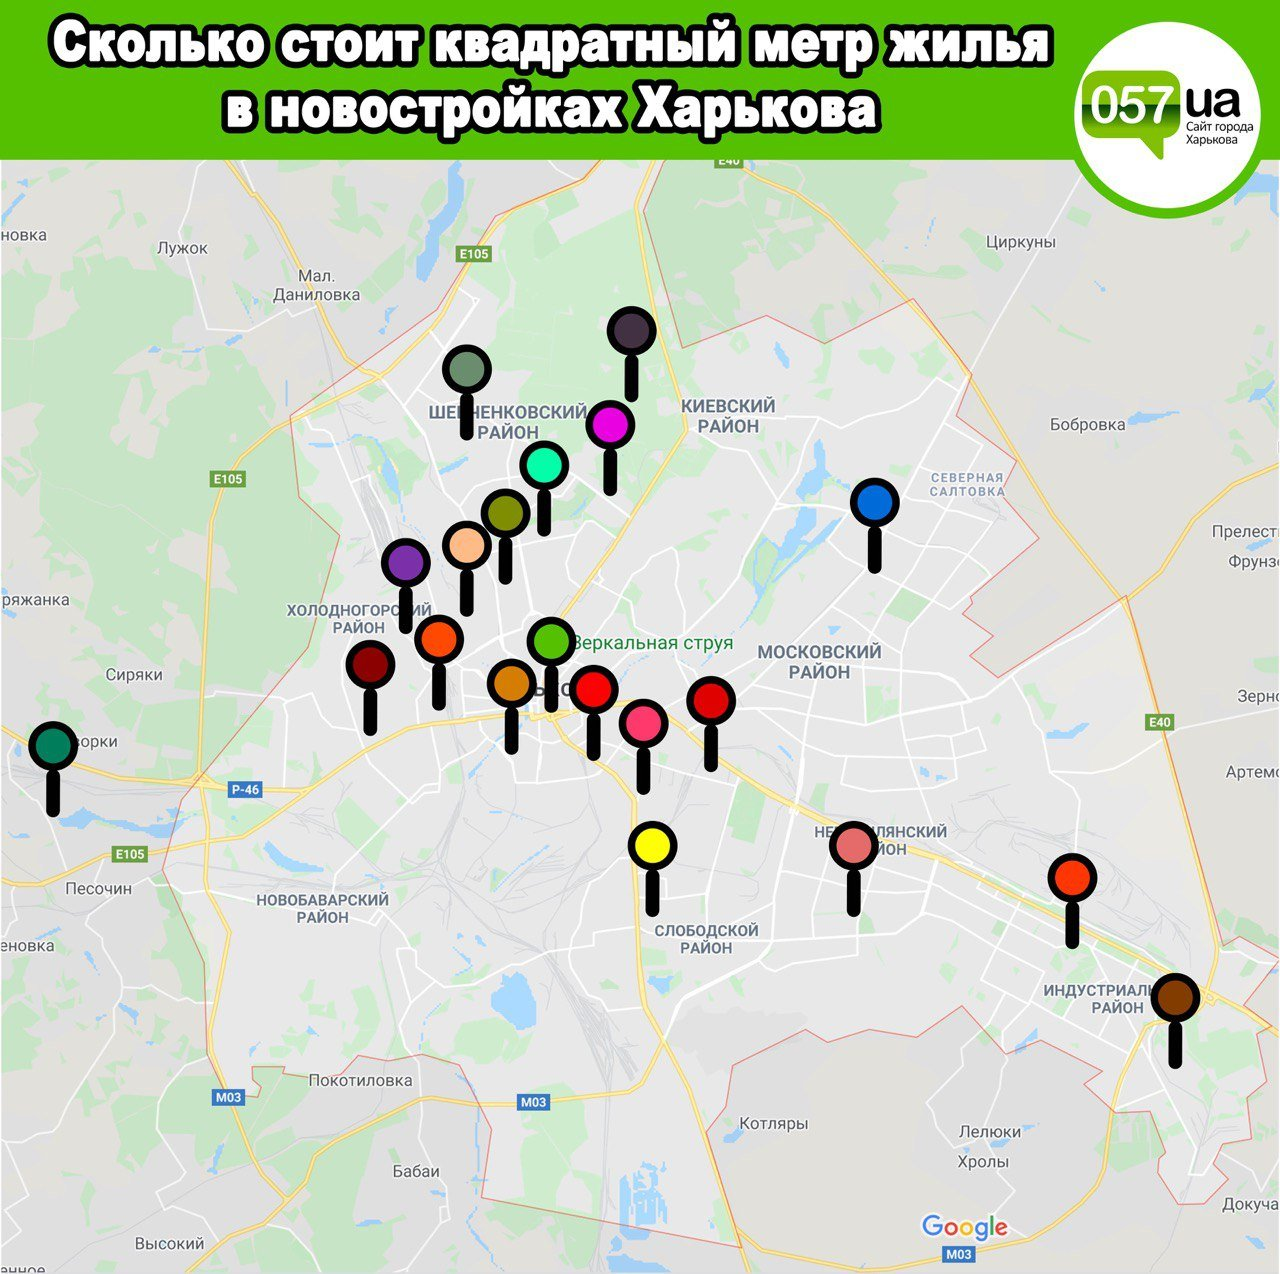 Сколько стоит квадратный метр жилья в новостройках Харькова: инфографика от 057, фото-1